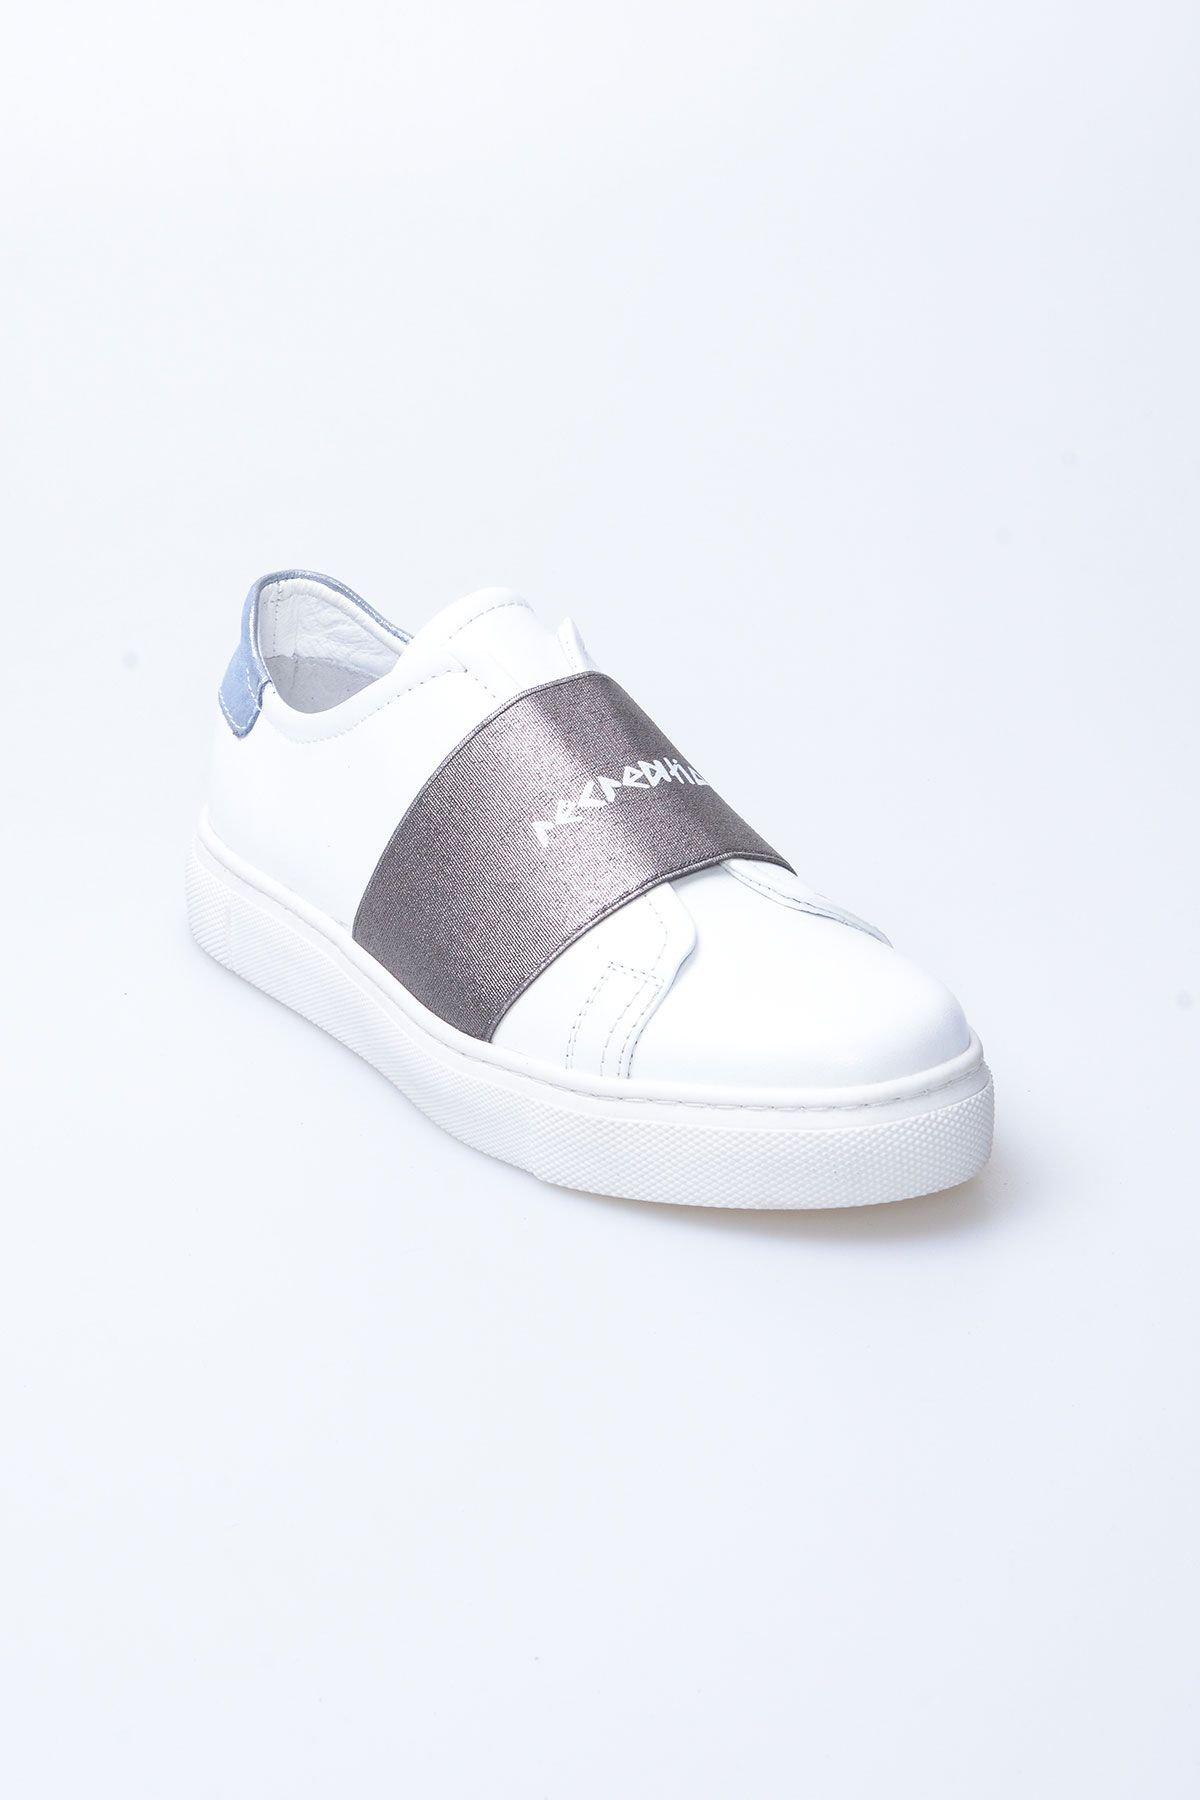 Pegia Recreation Hakiki Deri Bayan Sneaker 19REC101 Antrasit